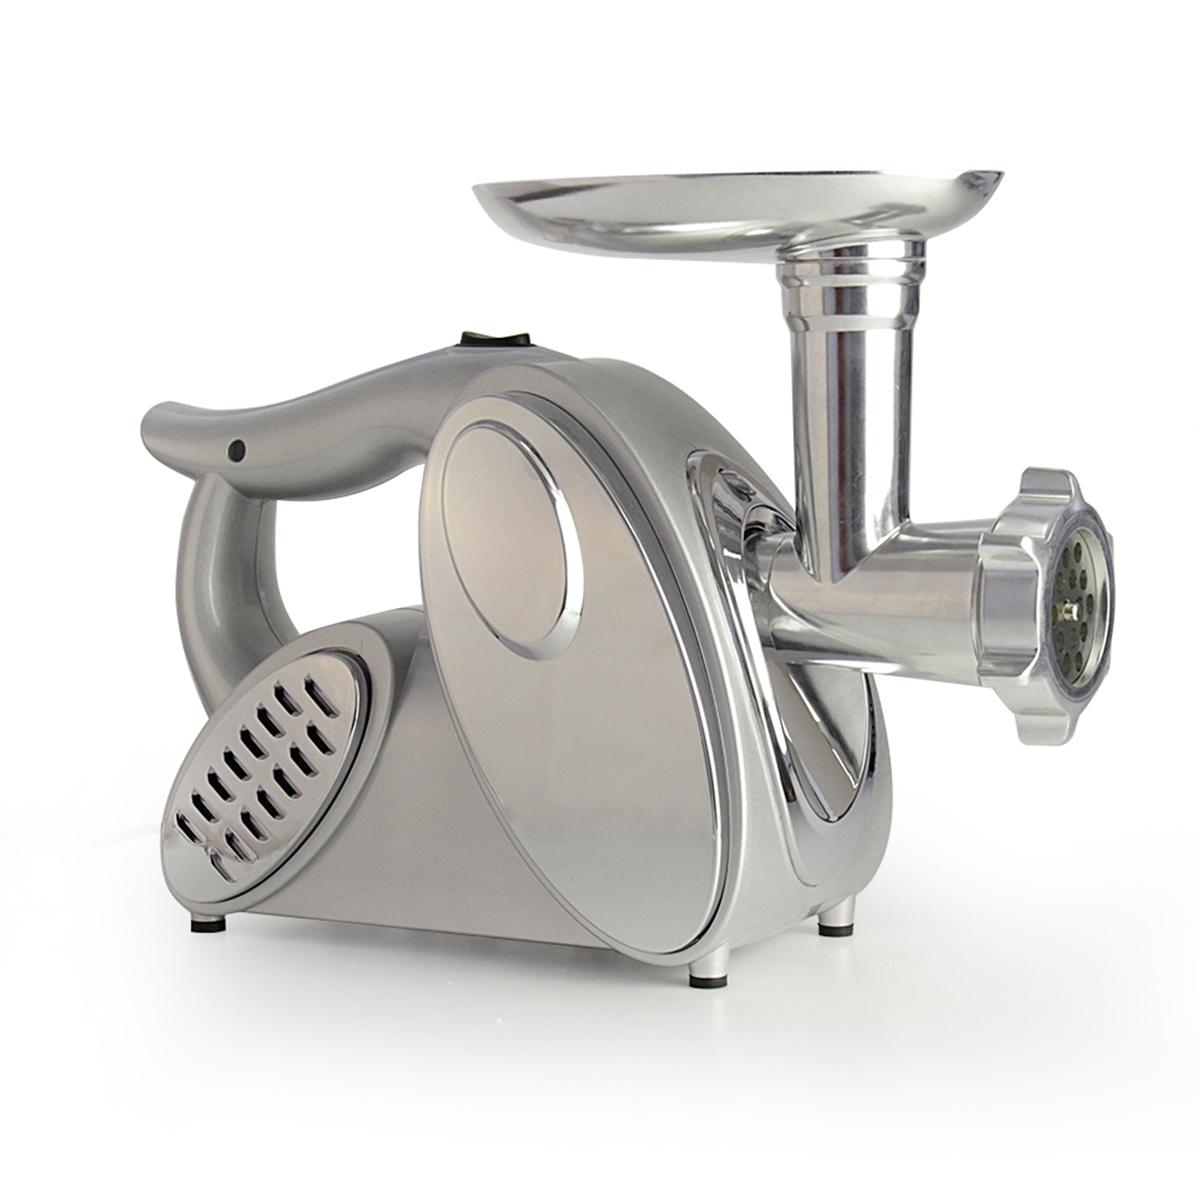 Galaxy GL 2401 мясорубка4630003362124Мясорубка Galaxy GL 2401 незаменимая вещь на кухне для хозяек. Долговечность мясорубки напрямую зависит от качества ее ножа. Недорогие штампованные ножи плохо режут продукты, затрудняя работу двигателя, и, тем самым, значительно сокращая срок ее эксплуатации. Усиленные литые ножи мясорубок GALAXY изготовлены по уникальной технологии точного литья и сохраняют безупречную остроту в течении нескольких лет даже при частом использовании.